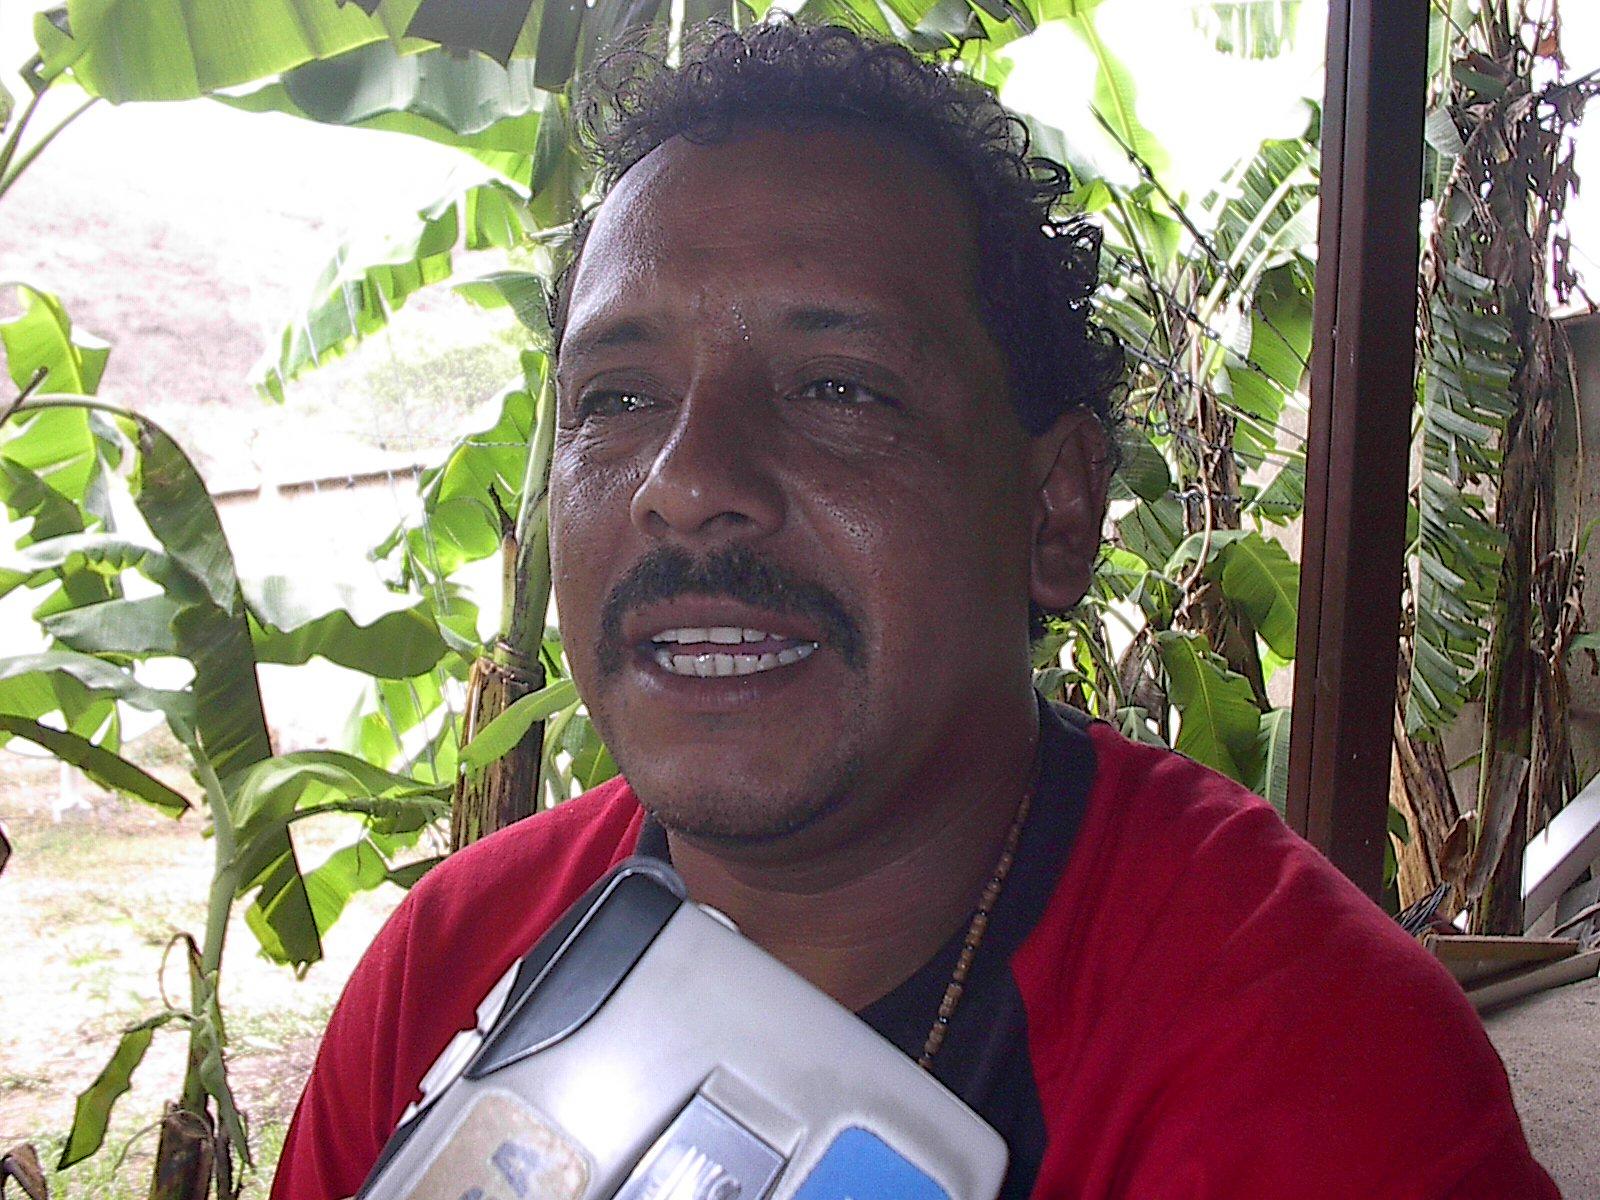 Este es el diputado orteguista, Nery Nelson Sánchez Lazo, quien amenazó de muerte al periodista de La Prensa, en Madriz, William Aragón. Foto: Cortesía